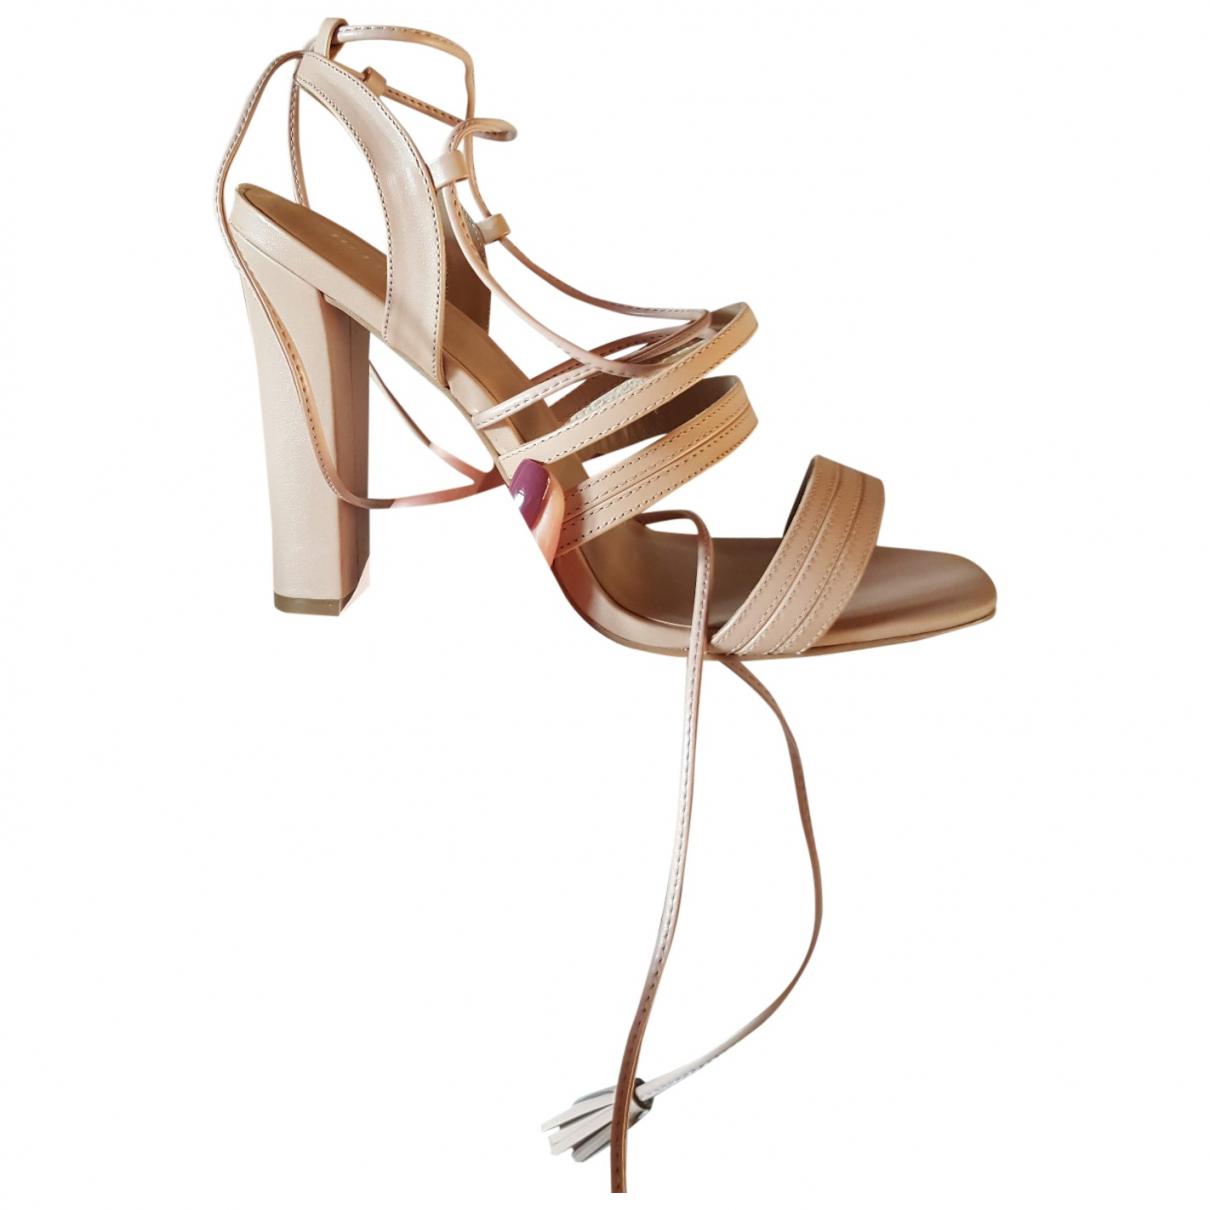 Minelli - Sandales   pour femme en cuir - beige